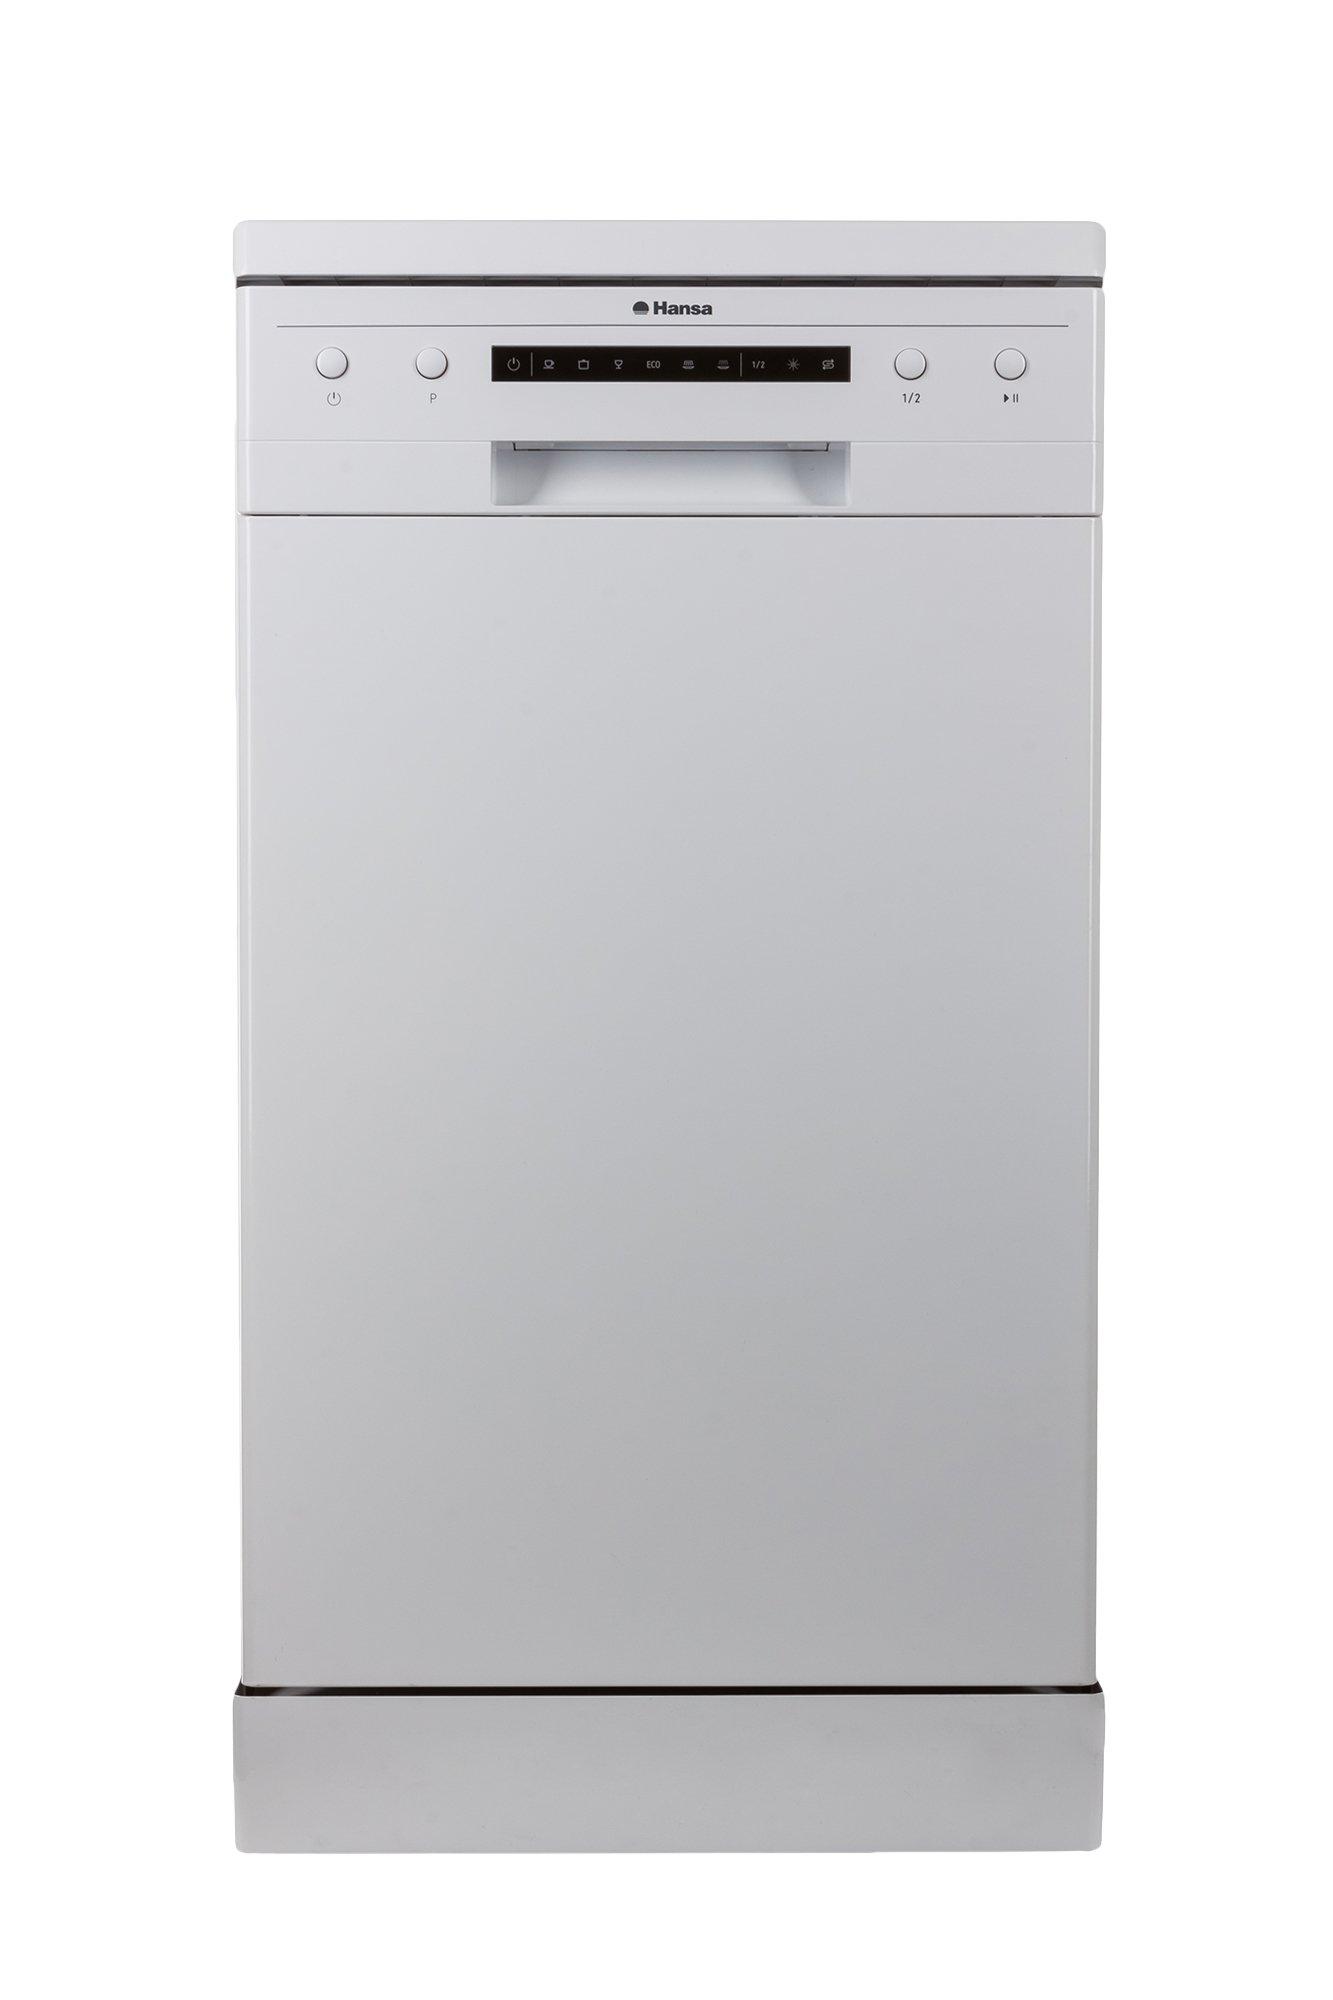 Советы по выбору лучших моделей посудомоечной машины шириной 45 см: indesit dsr15b3, hansa zwm416wh, electrolux esf9451low, bosch sps40e42